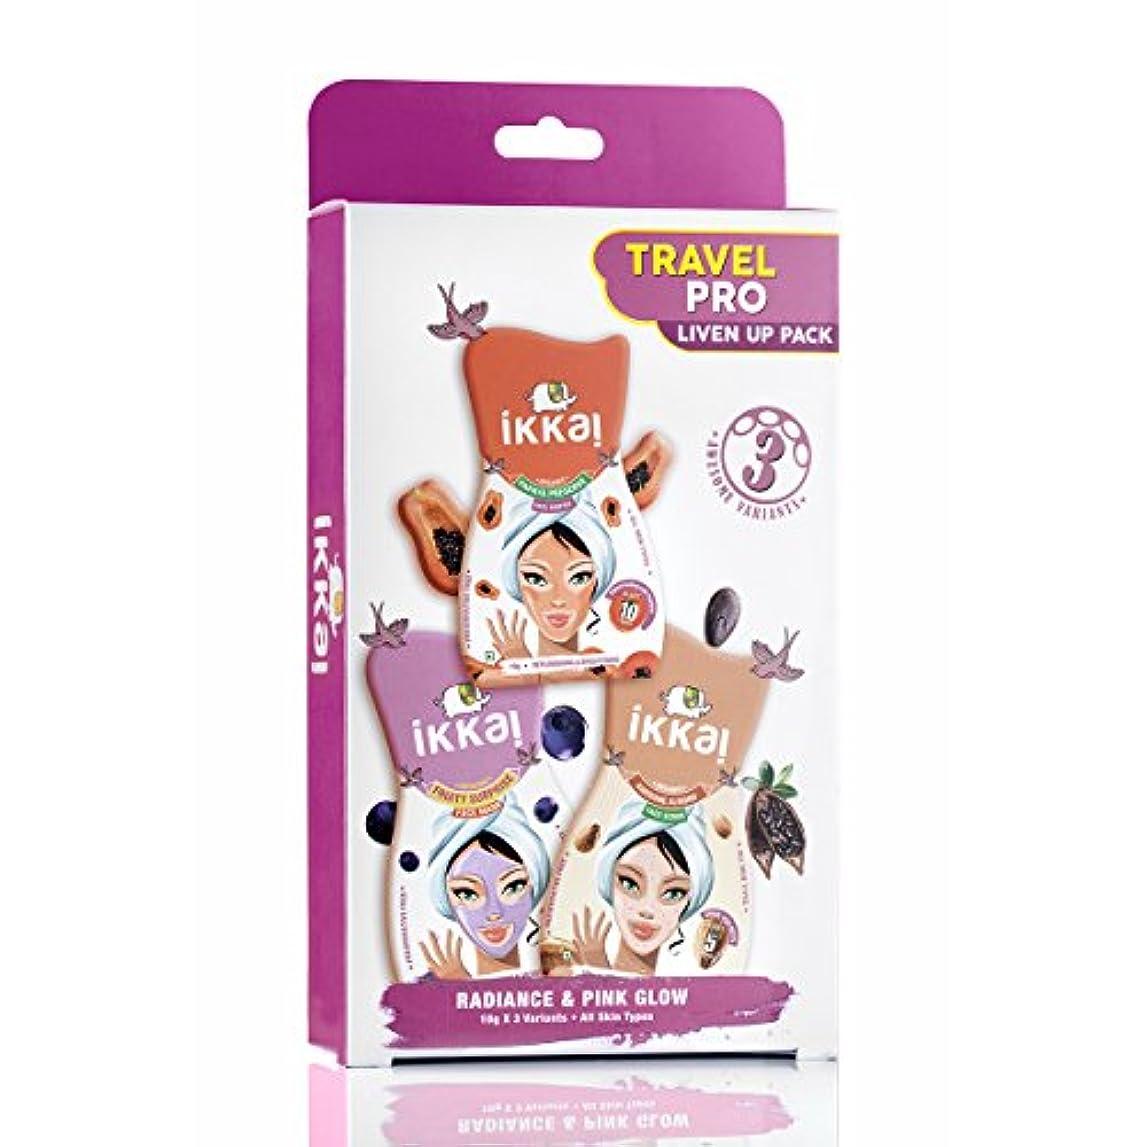 陰気めまい願うIkkai by Lotus Herbals Travel Pro Liven Up Pack (1 Face Mask, 1 Face Scrub and 1 Face Souffle)